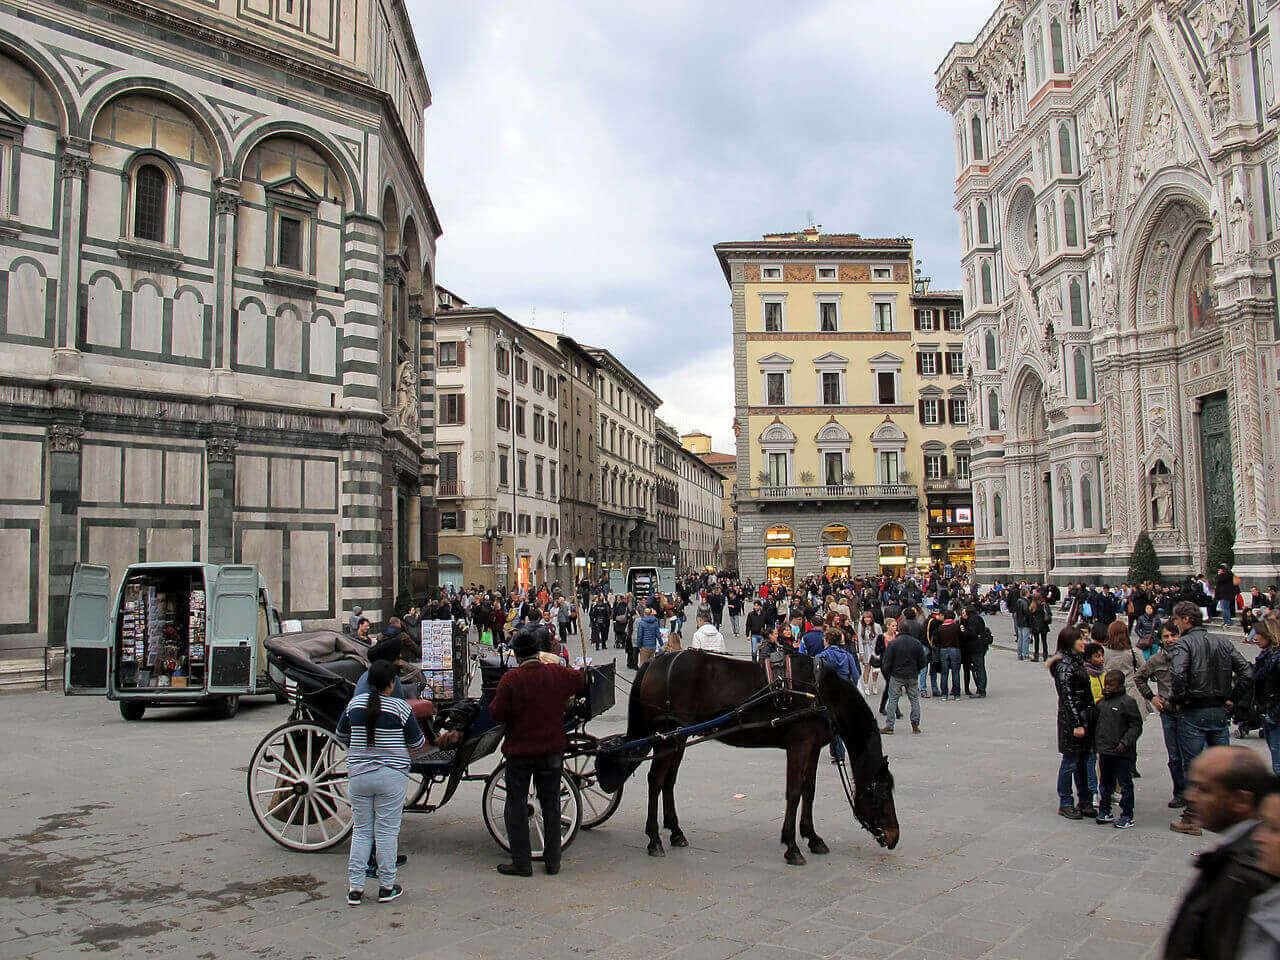 Итальянцы протестуют против строительства Макдональдса во Флоренции